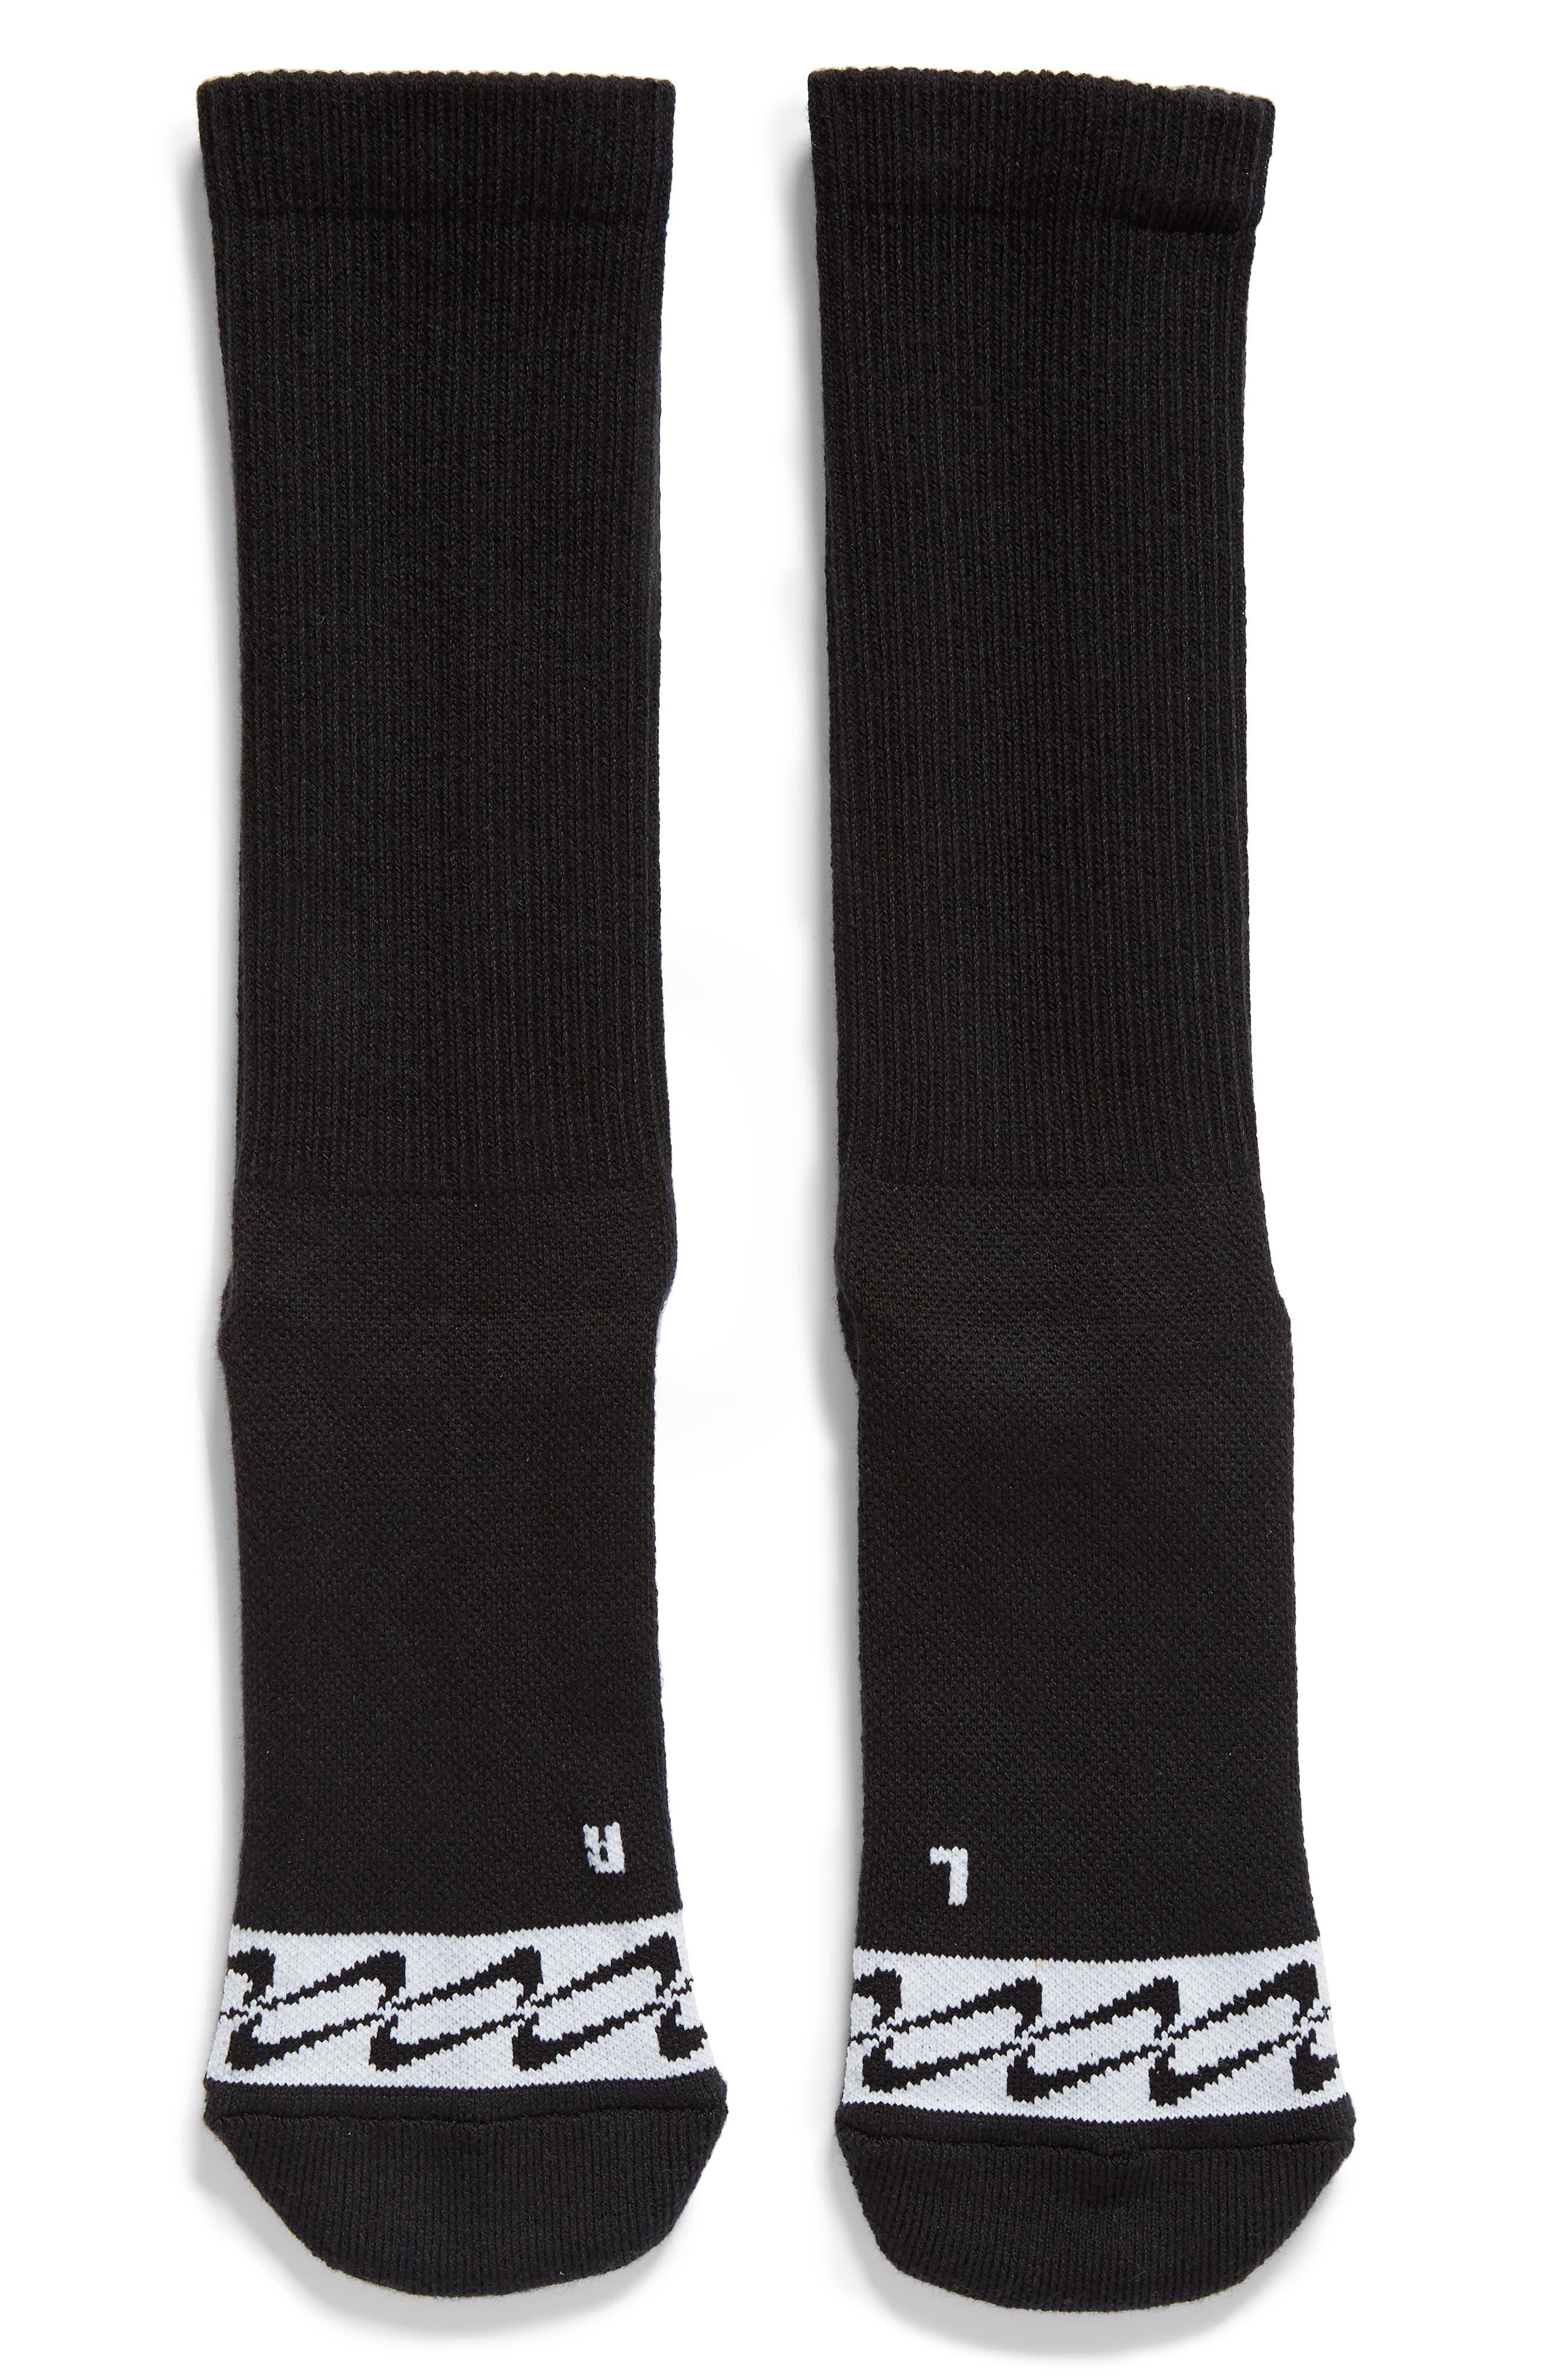 NRG Unisex Dri-FIT Socks,                             Alternate thumbnail 4, color,                             010